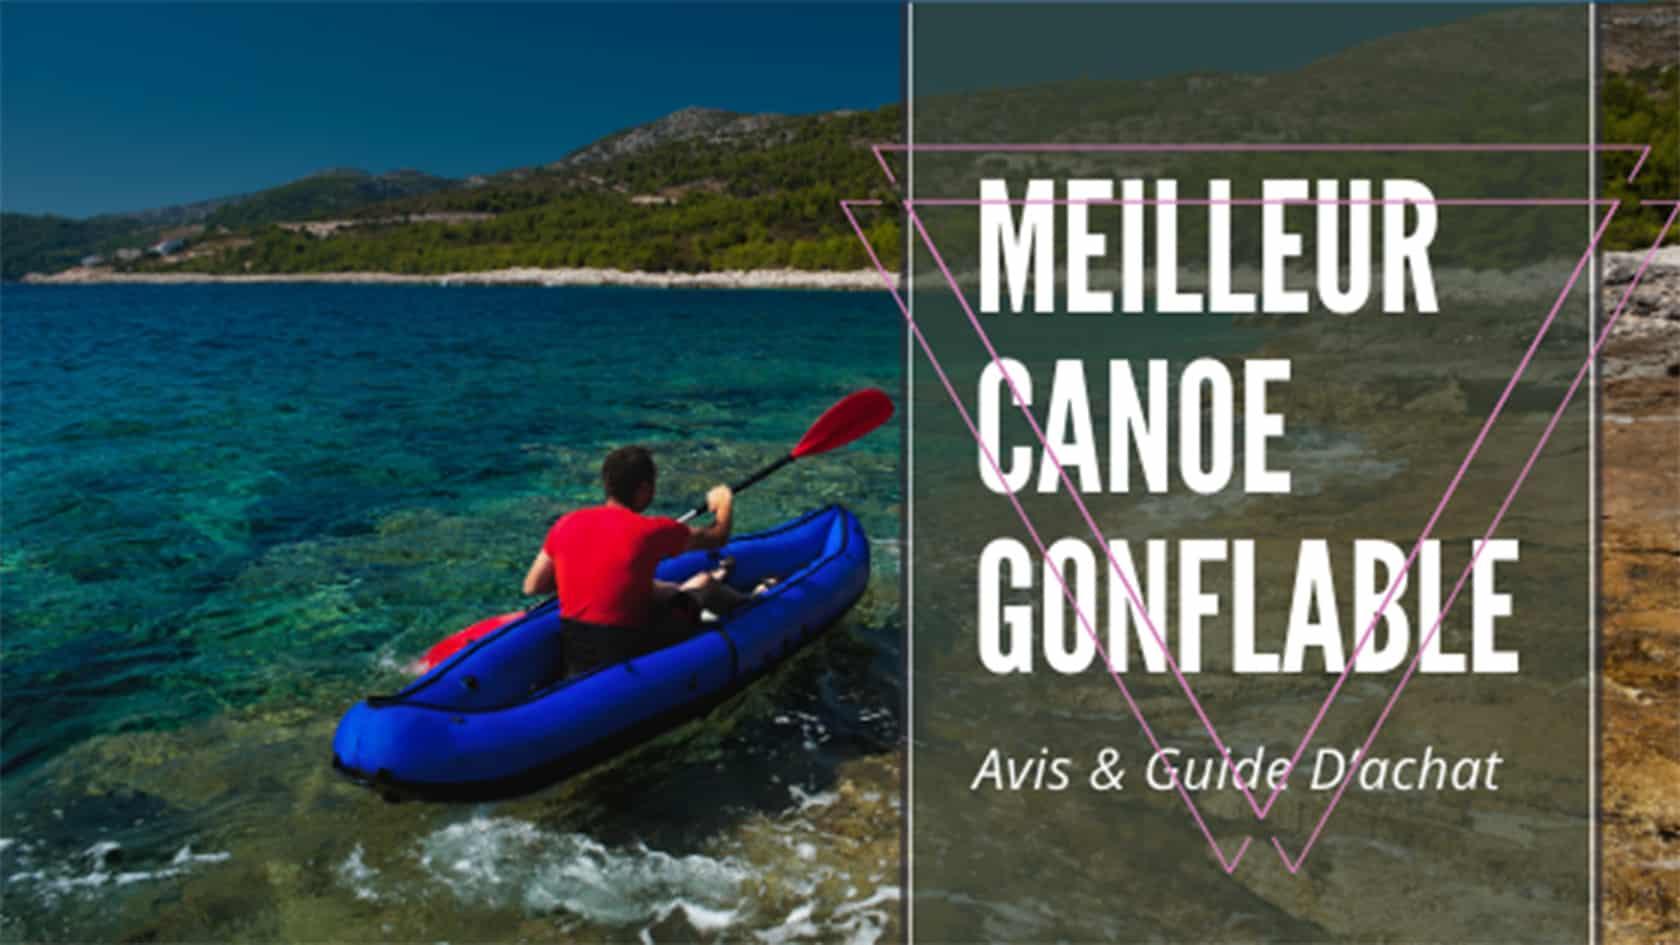 Meilleur Canoe Gonfable